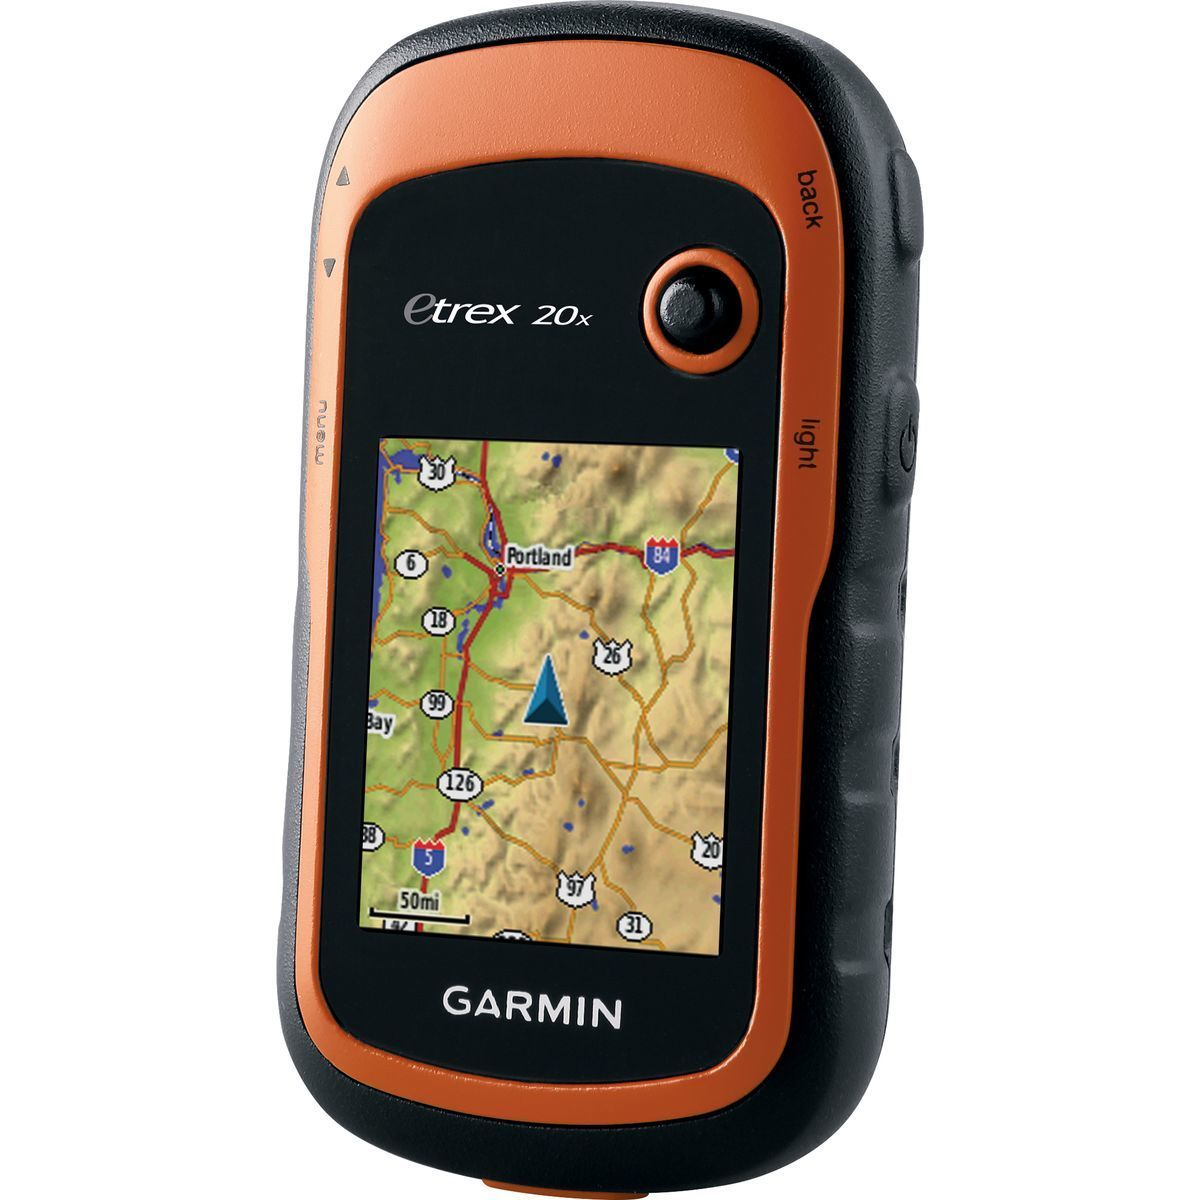 Garmin eTrex 20x